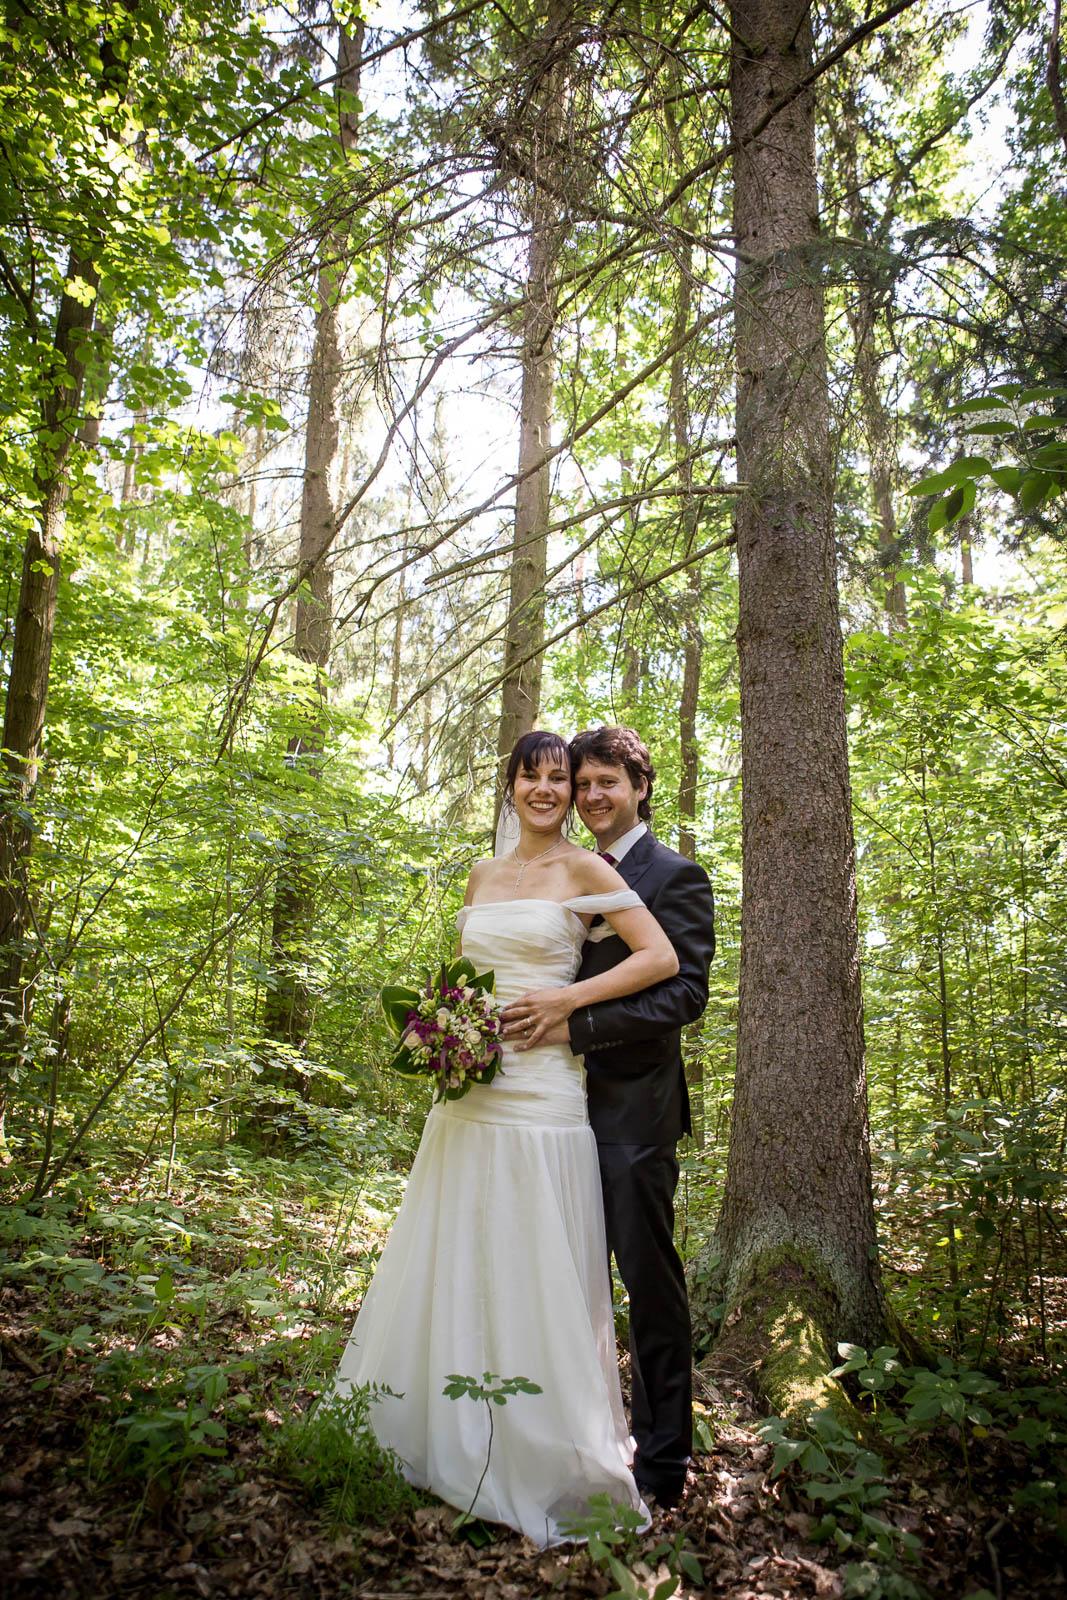 Svatební-fotografie-Mirka-a-Petr-svatební-fotograf- svatebni-kameraman-studio-Beautyfoto-Jižní-Čechy-Zvíkov-Orlík-svatební-videobeautyfoto-73